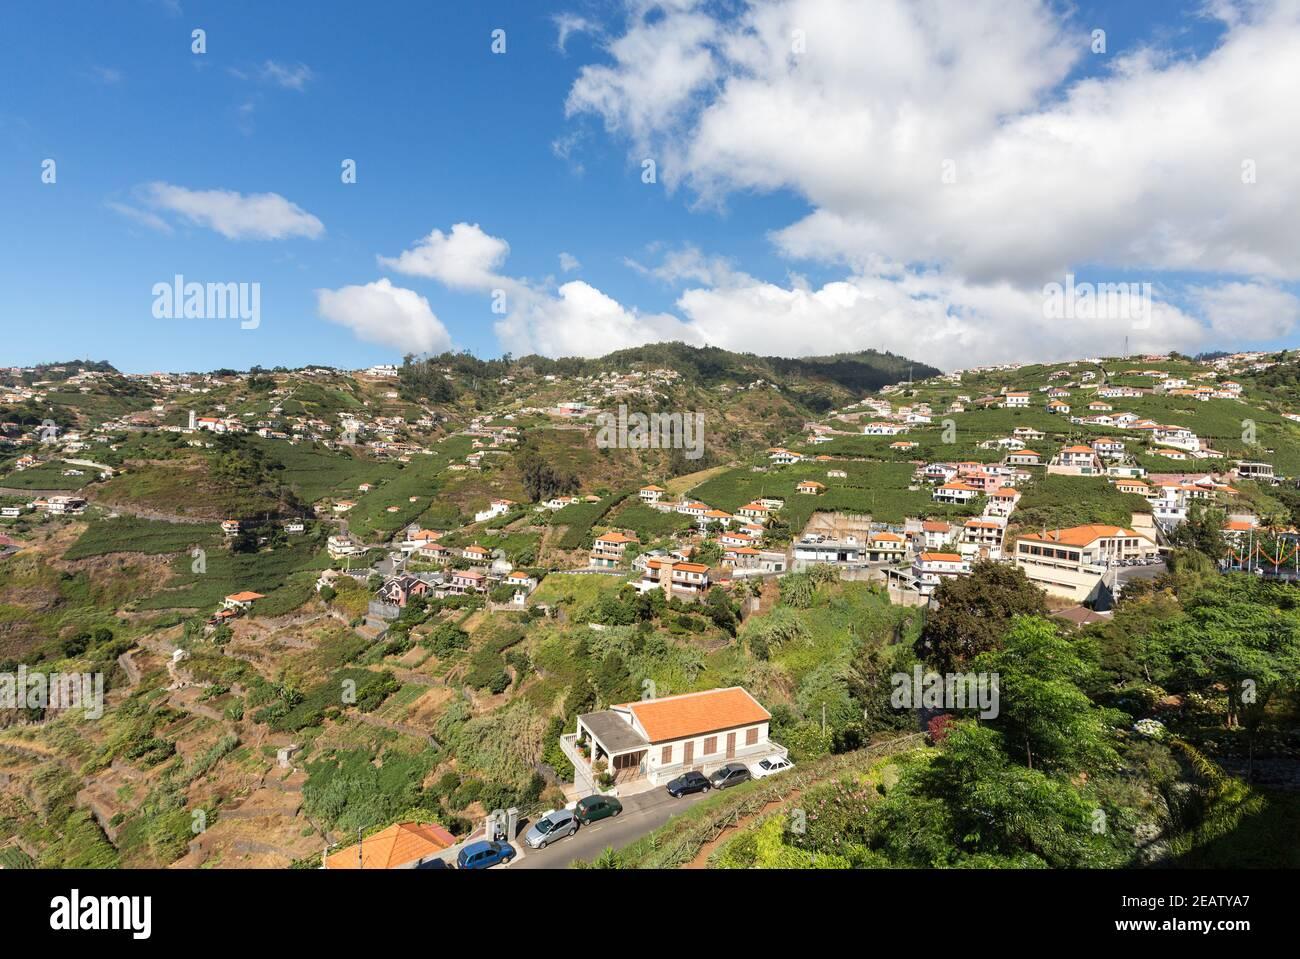 View over the vineyards of the Madeira Wine Company, Estreito de Camara de Lobos, Madeira, Portugal Stock Photo